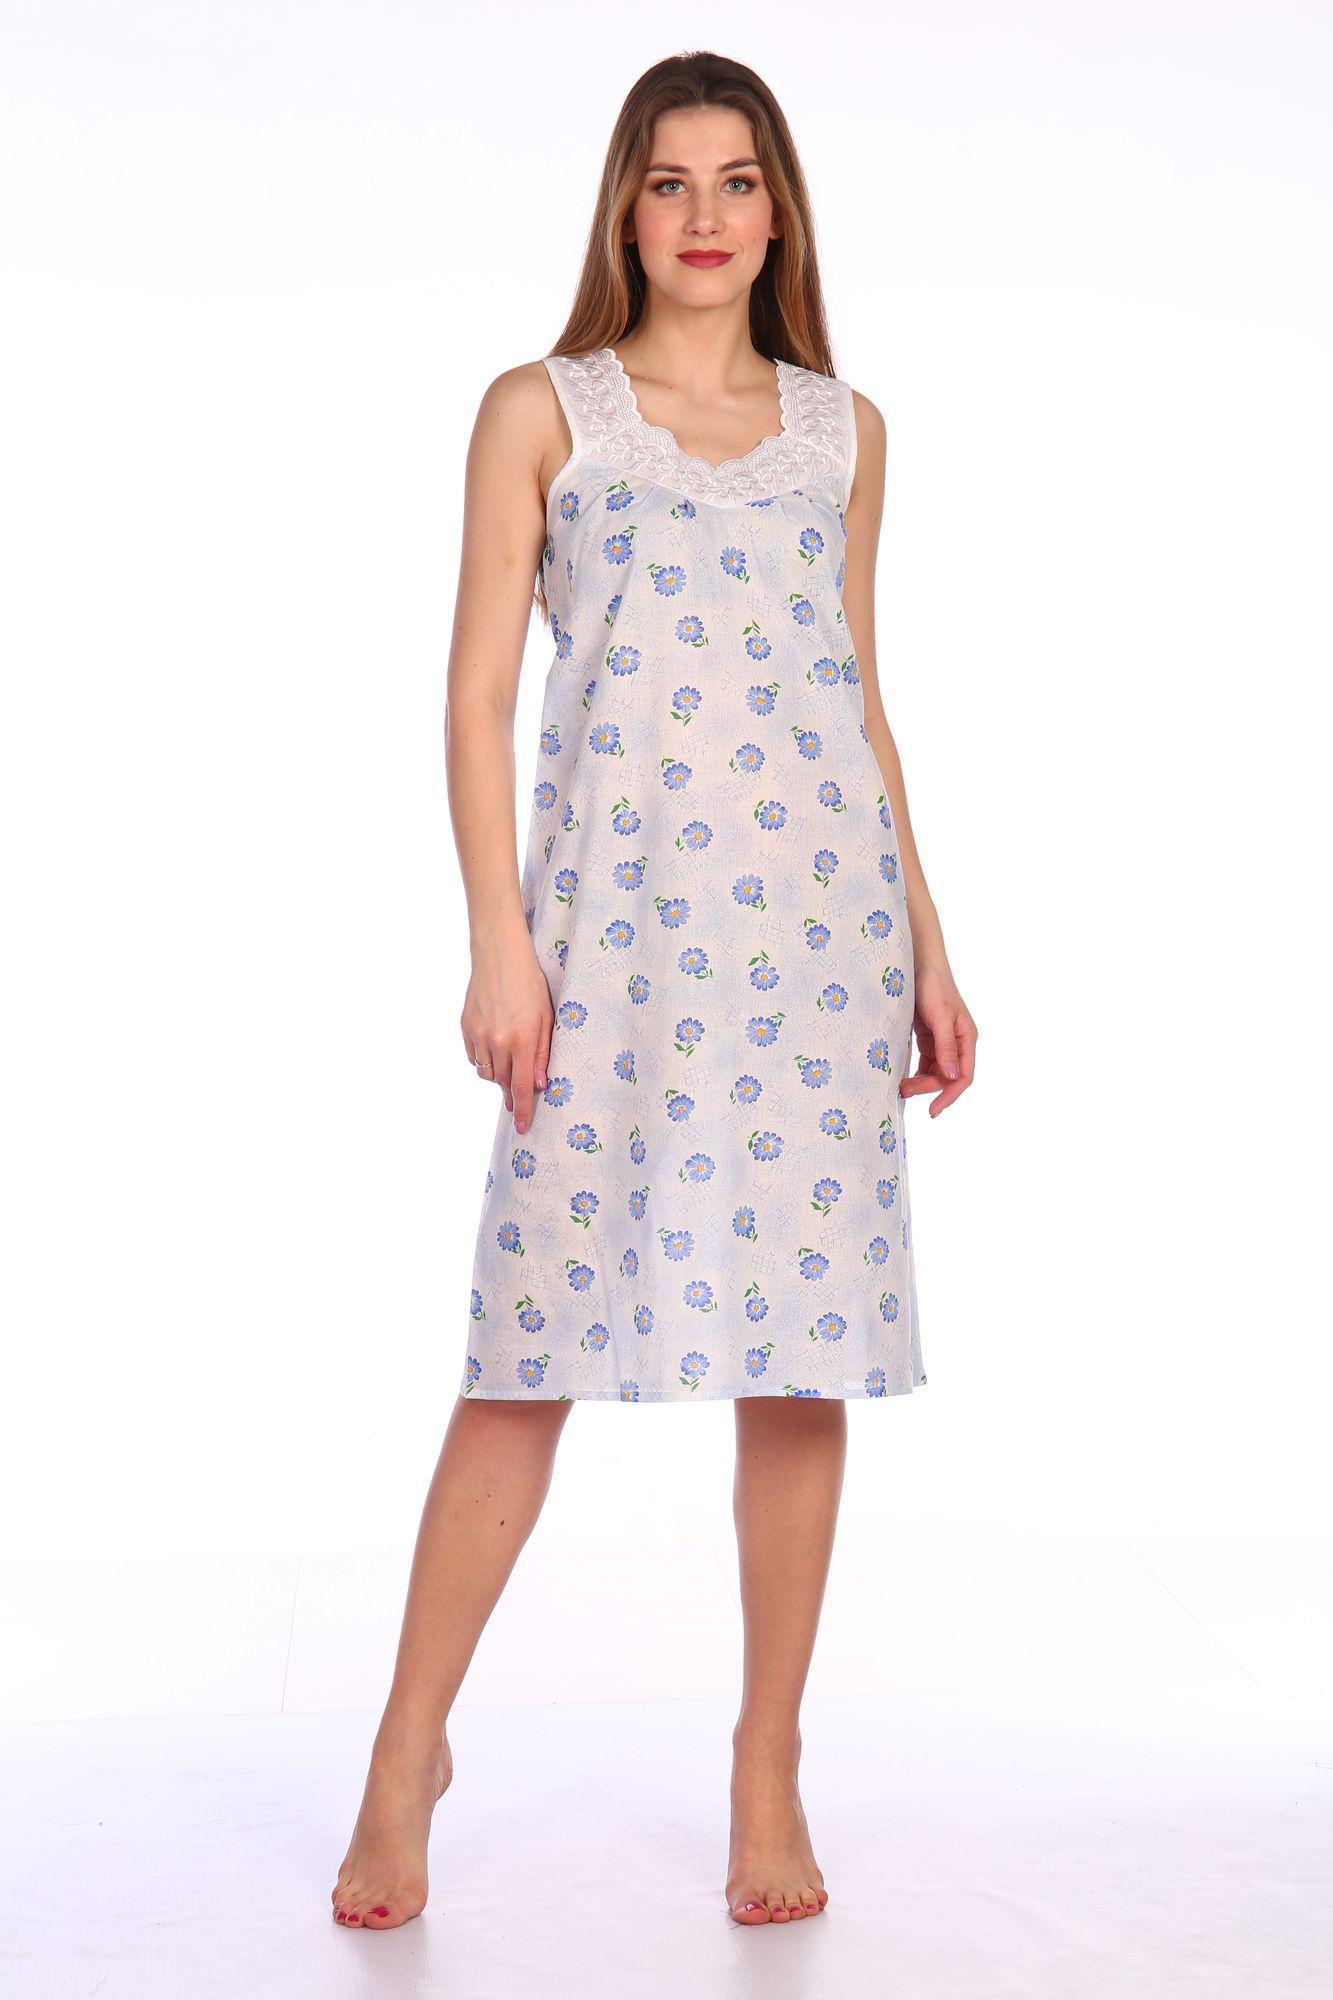 Сорочка ночная женская,модель 4031,ситец (Полянка, голубой)